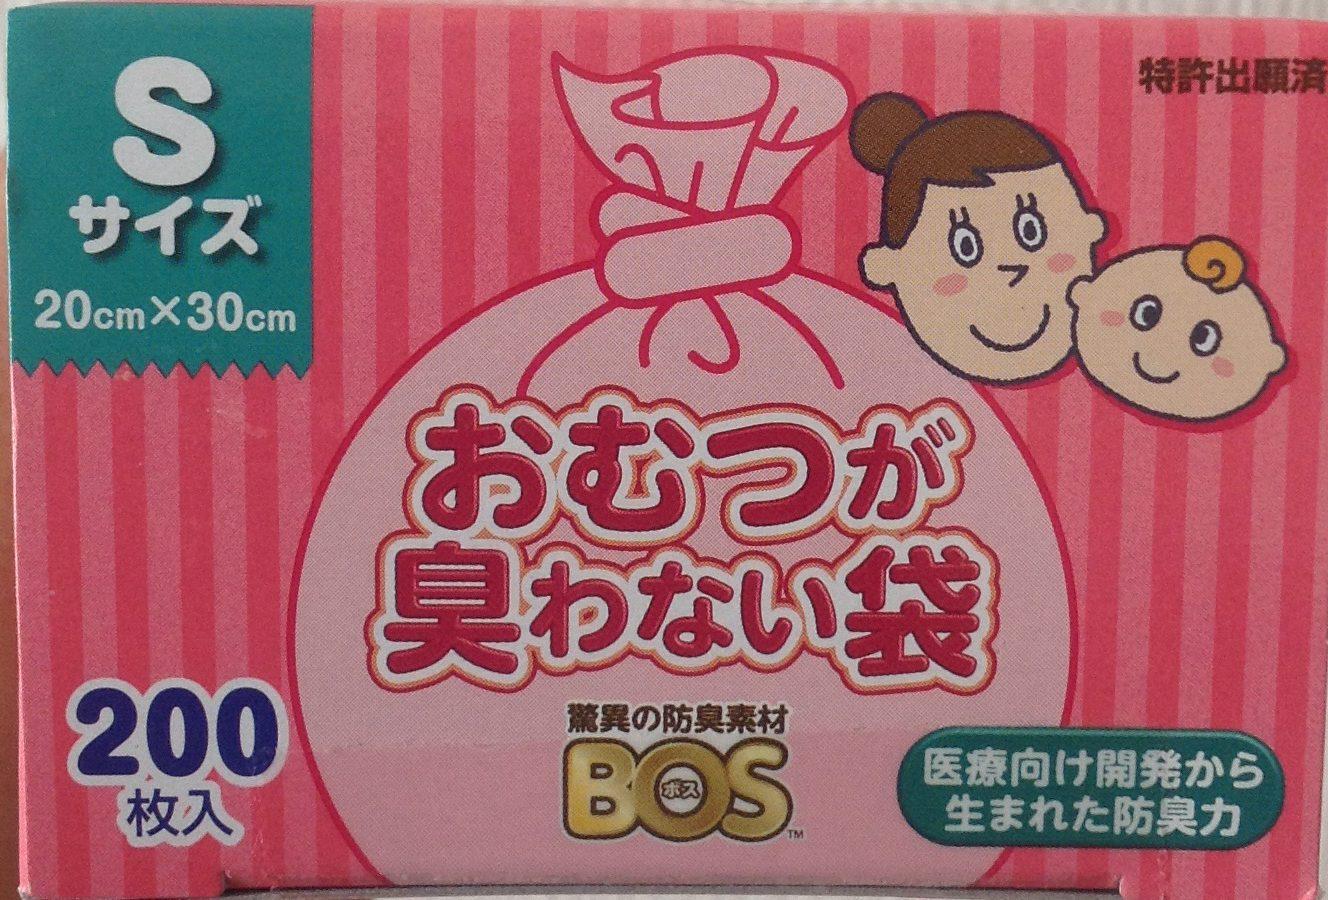 おむつが臭わない袋BOSの写真